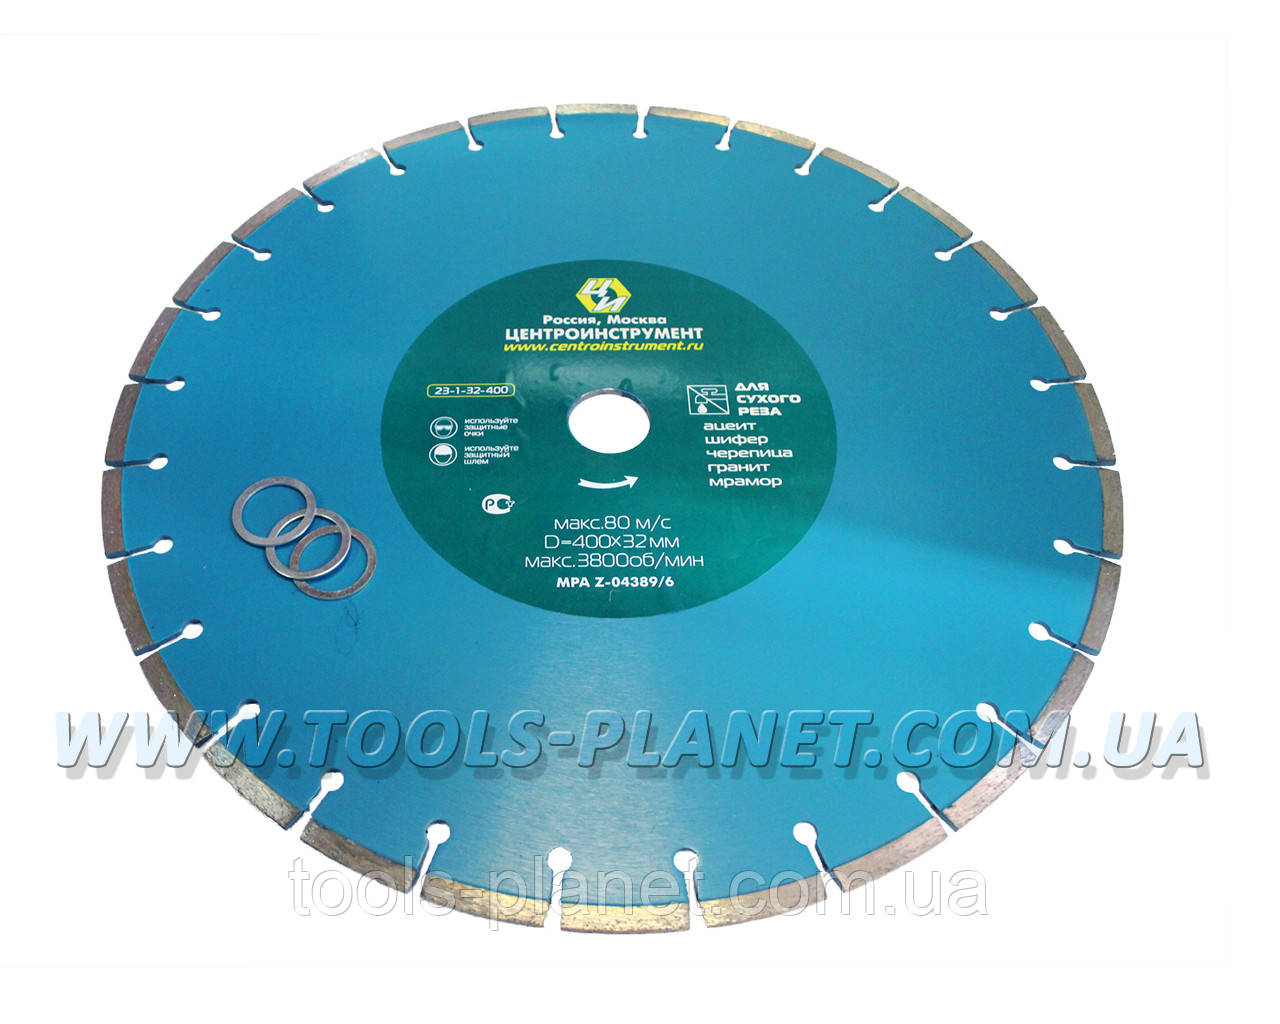 Алмазный диск Центроинструмент 400 х 7 х 32 Сегмент